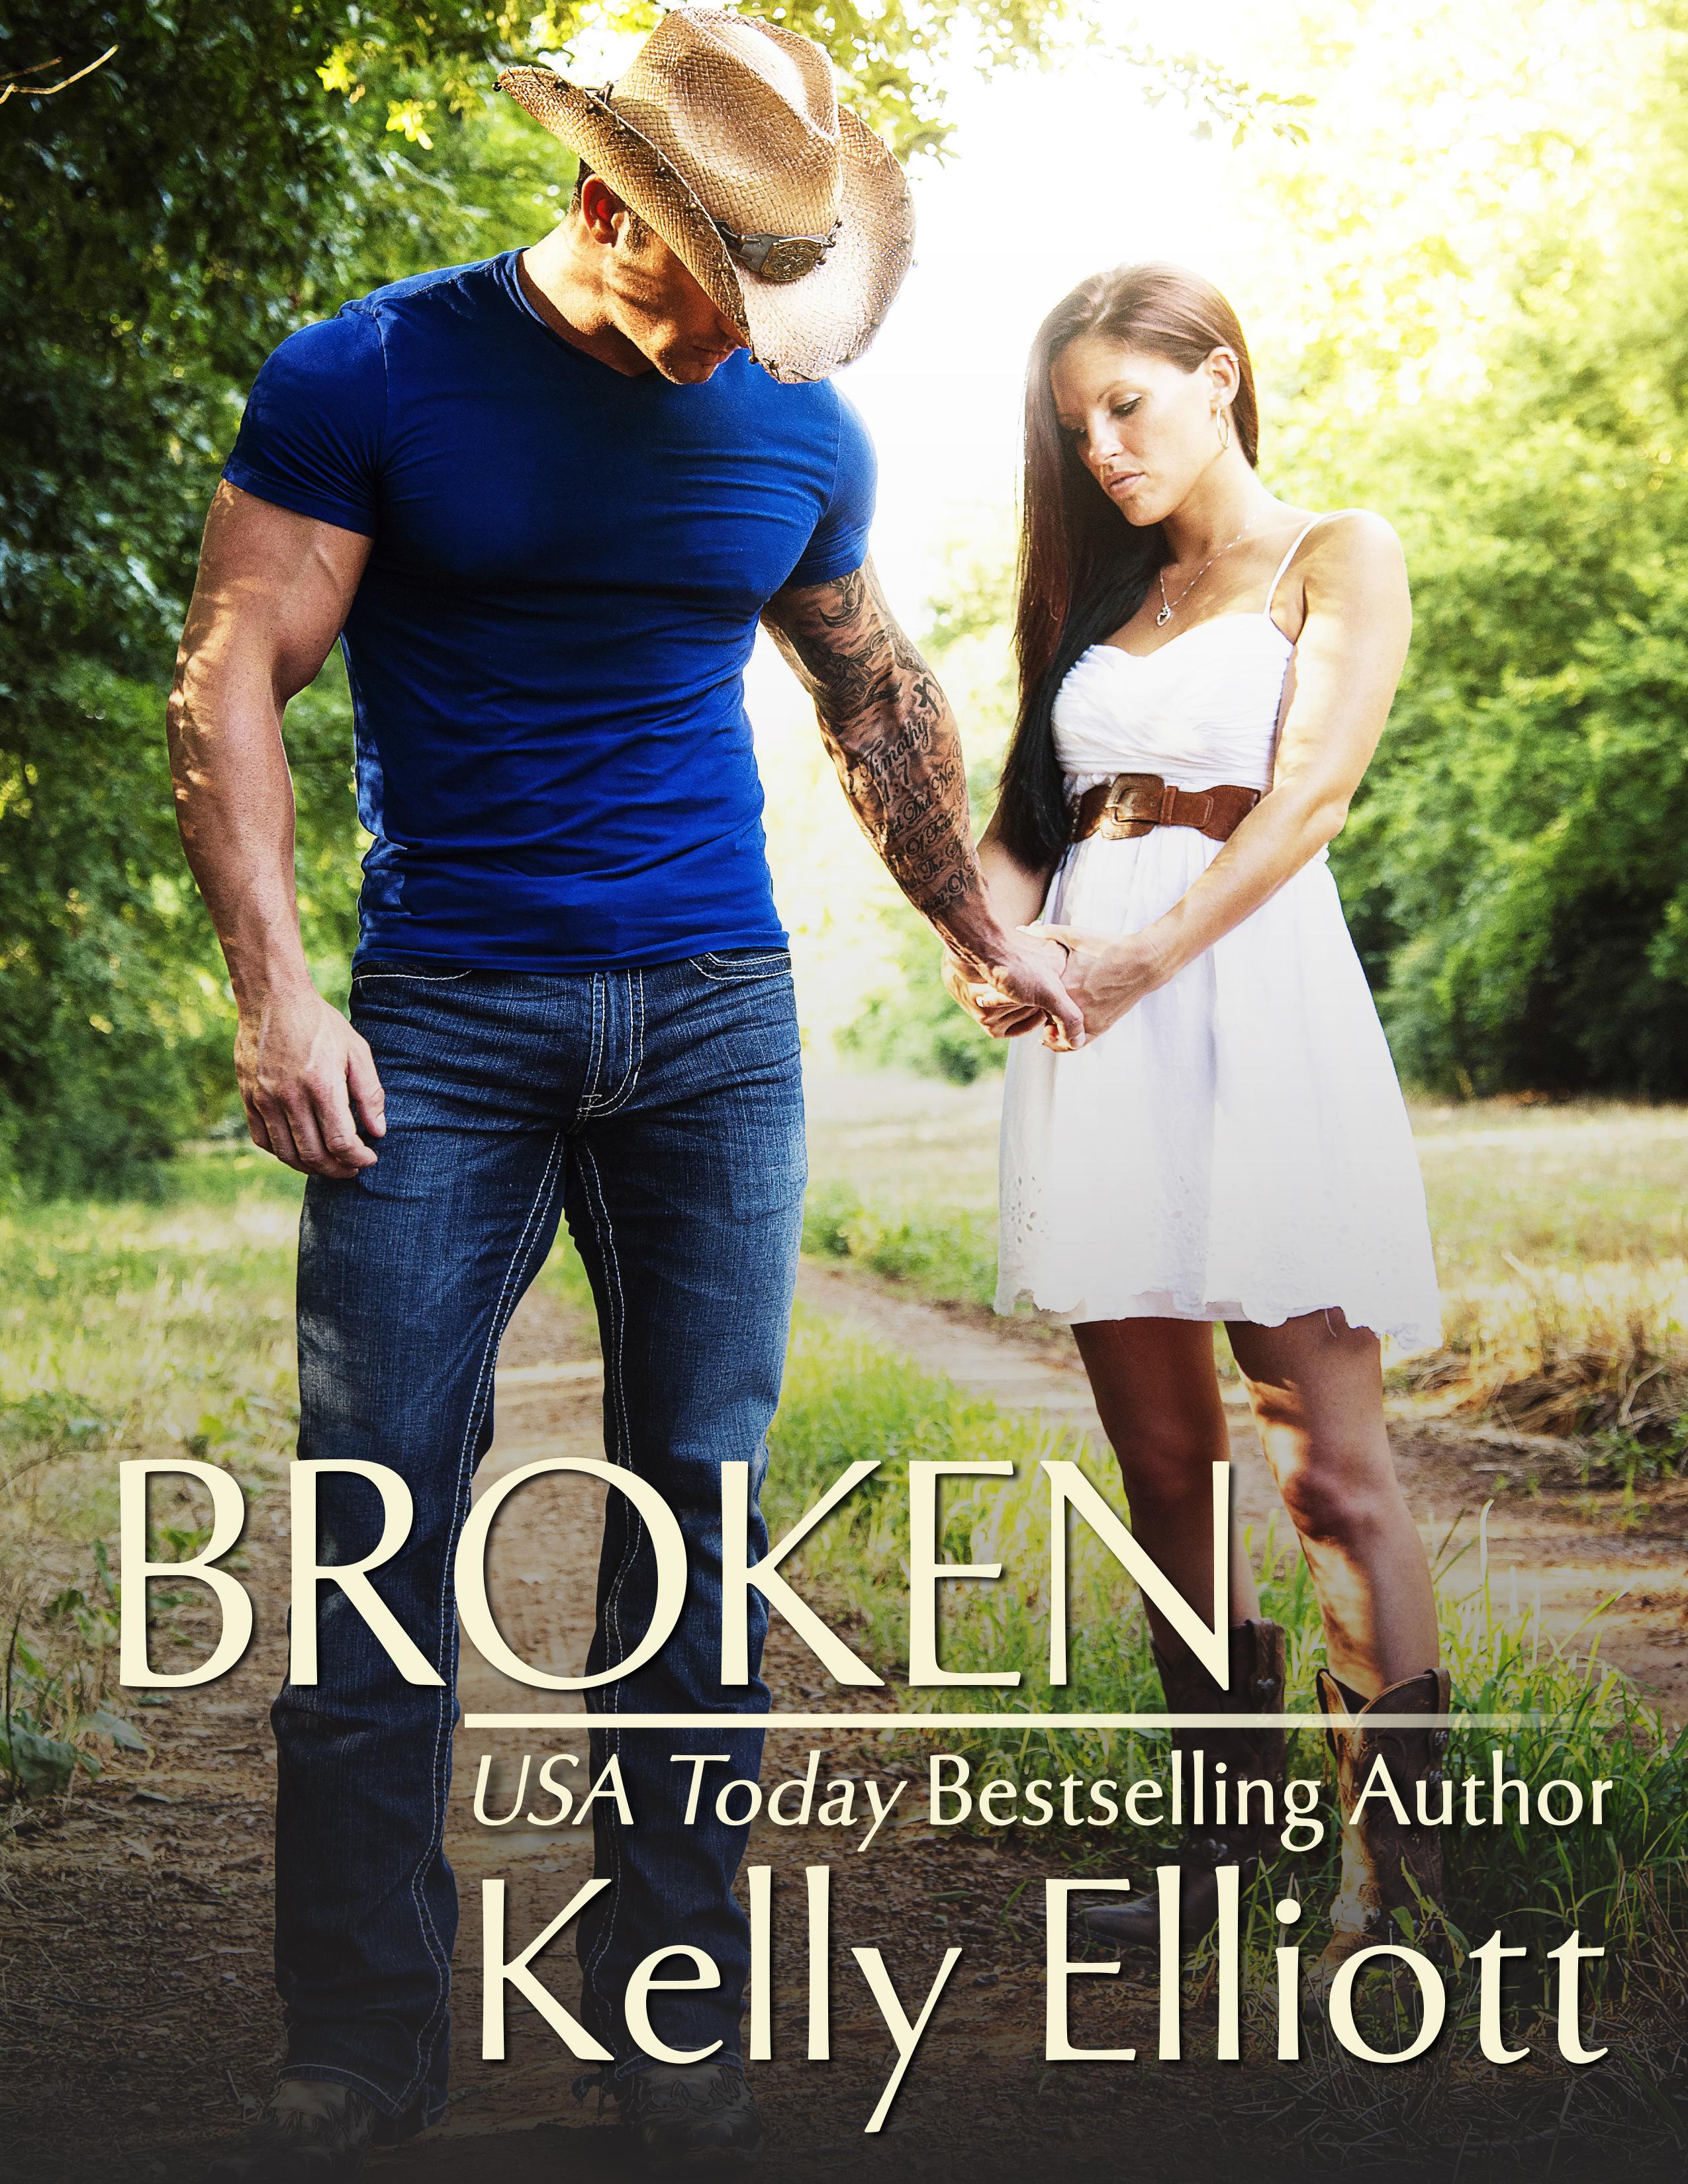 Broken by Kelly Elliot